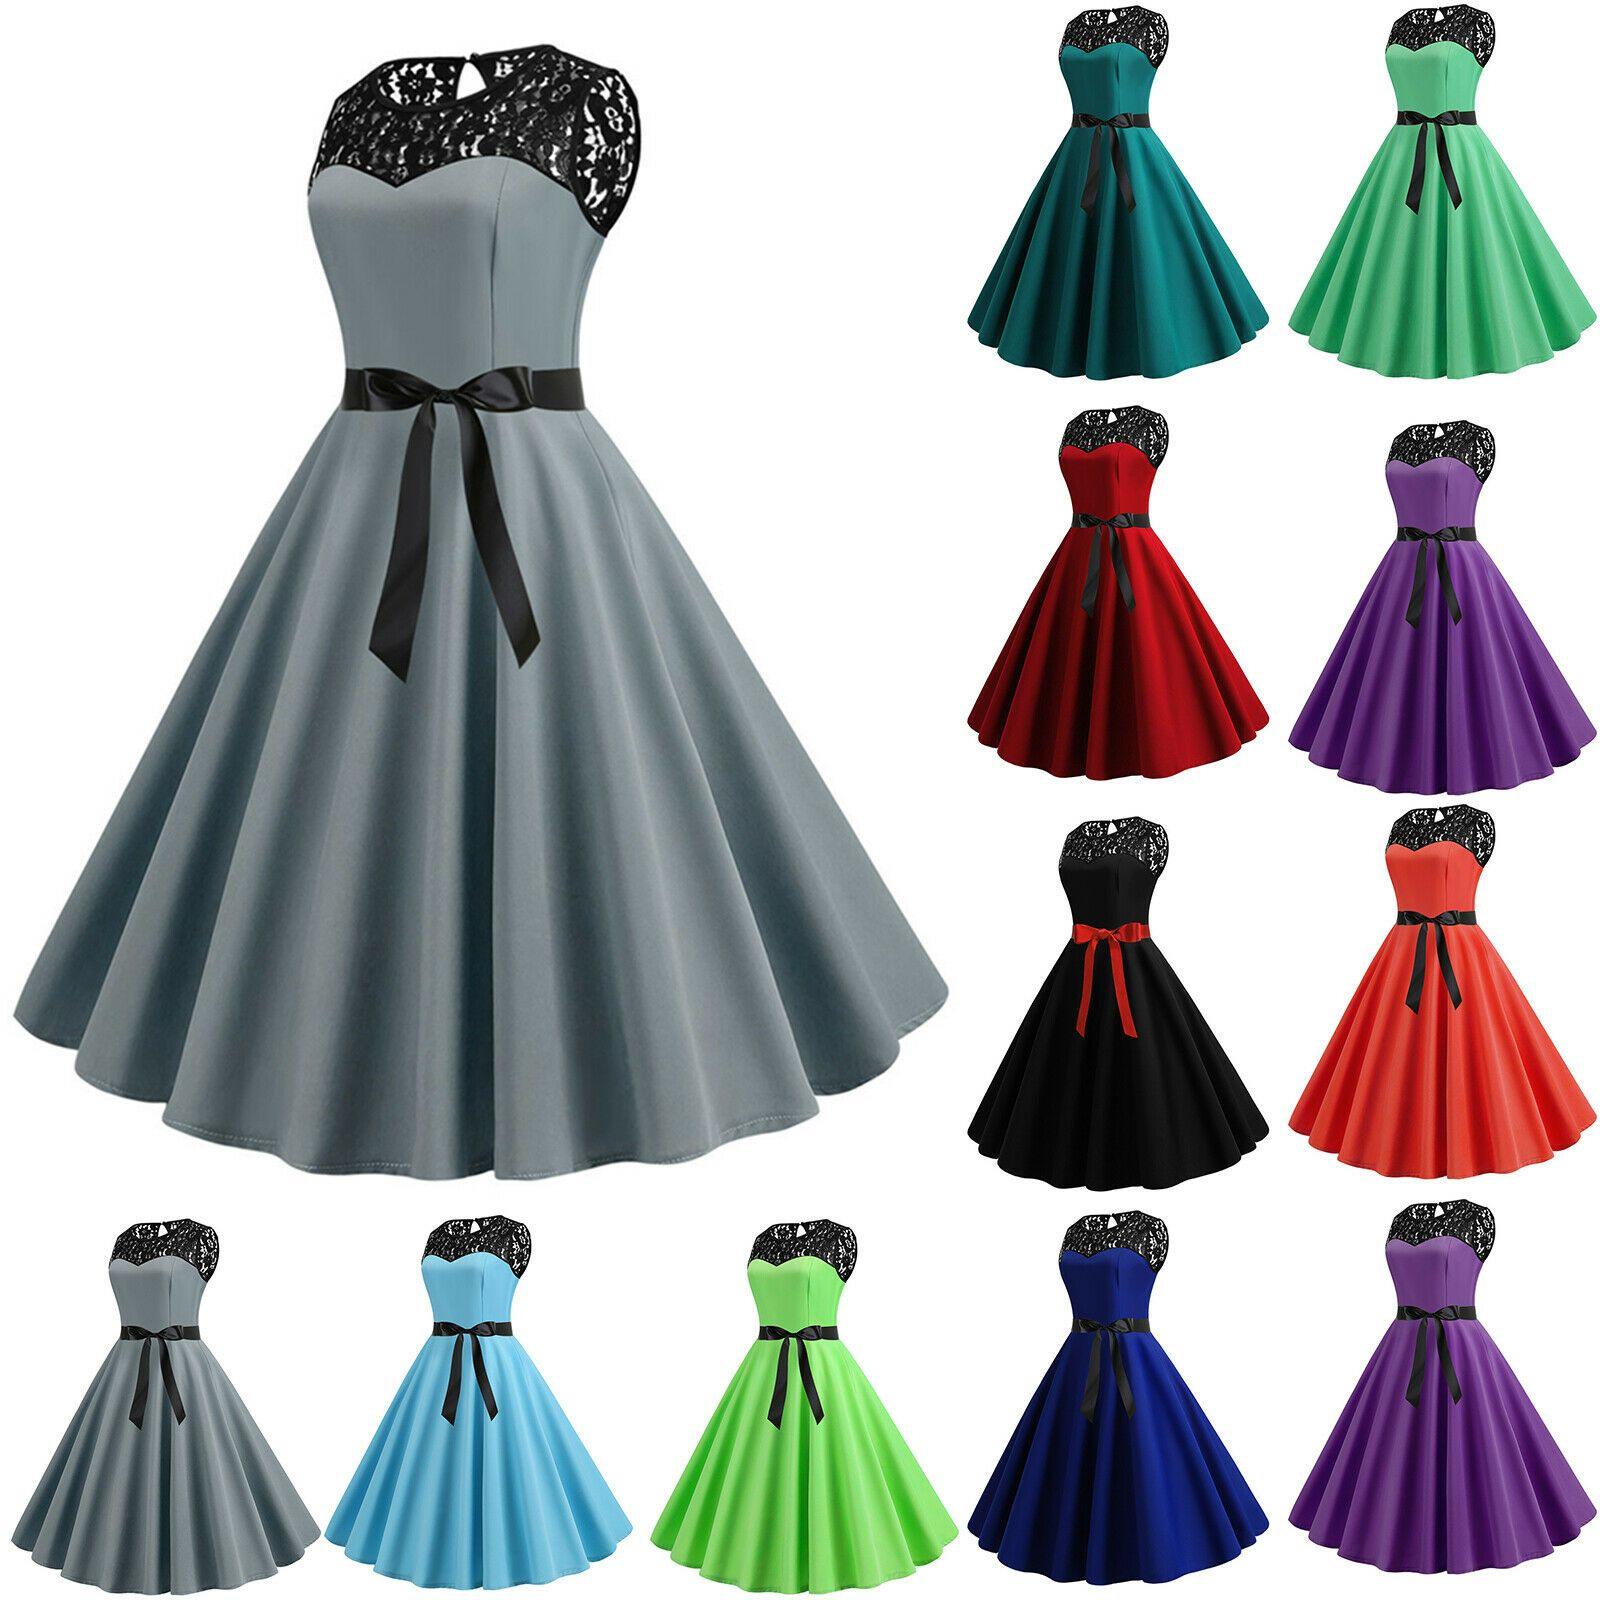 Abend Kreativ Abend Kleid Elegant Spezialgebiet15 Genial Abend Kleid Elegant für 2019